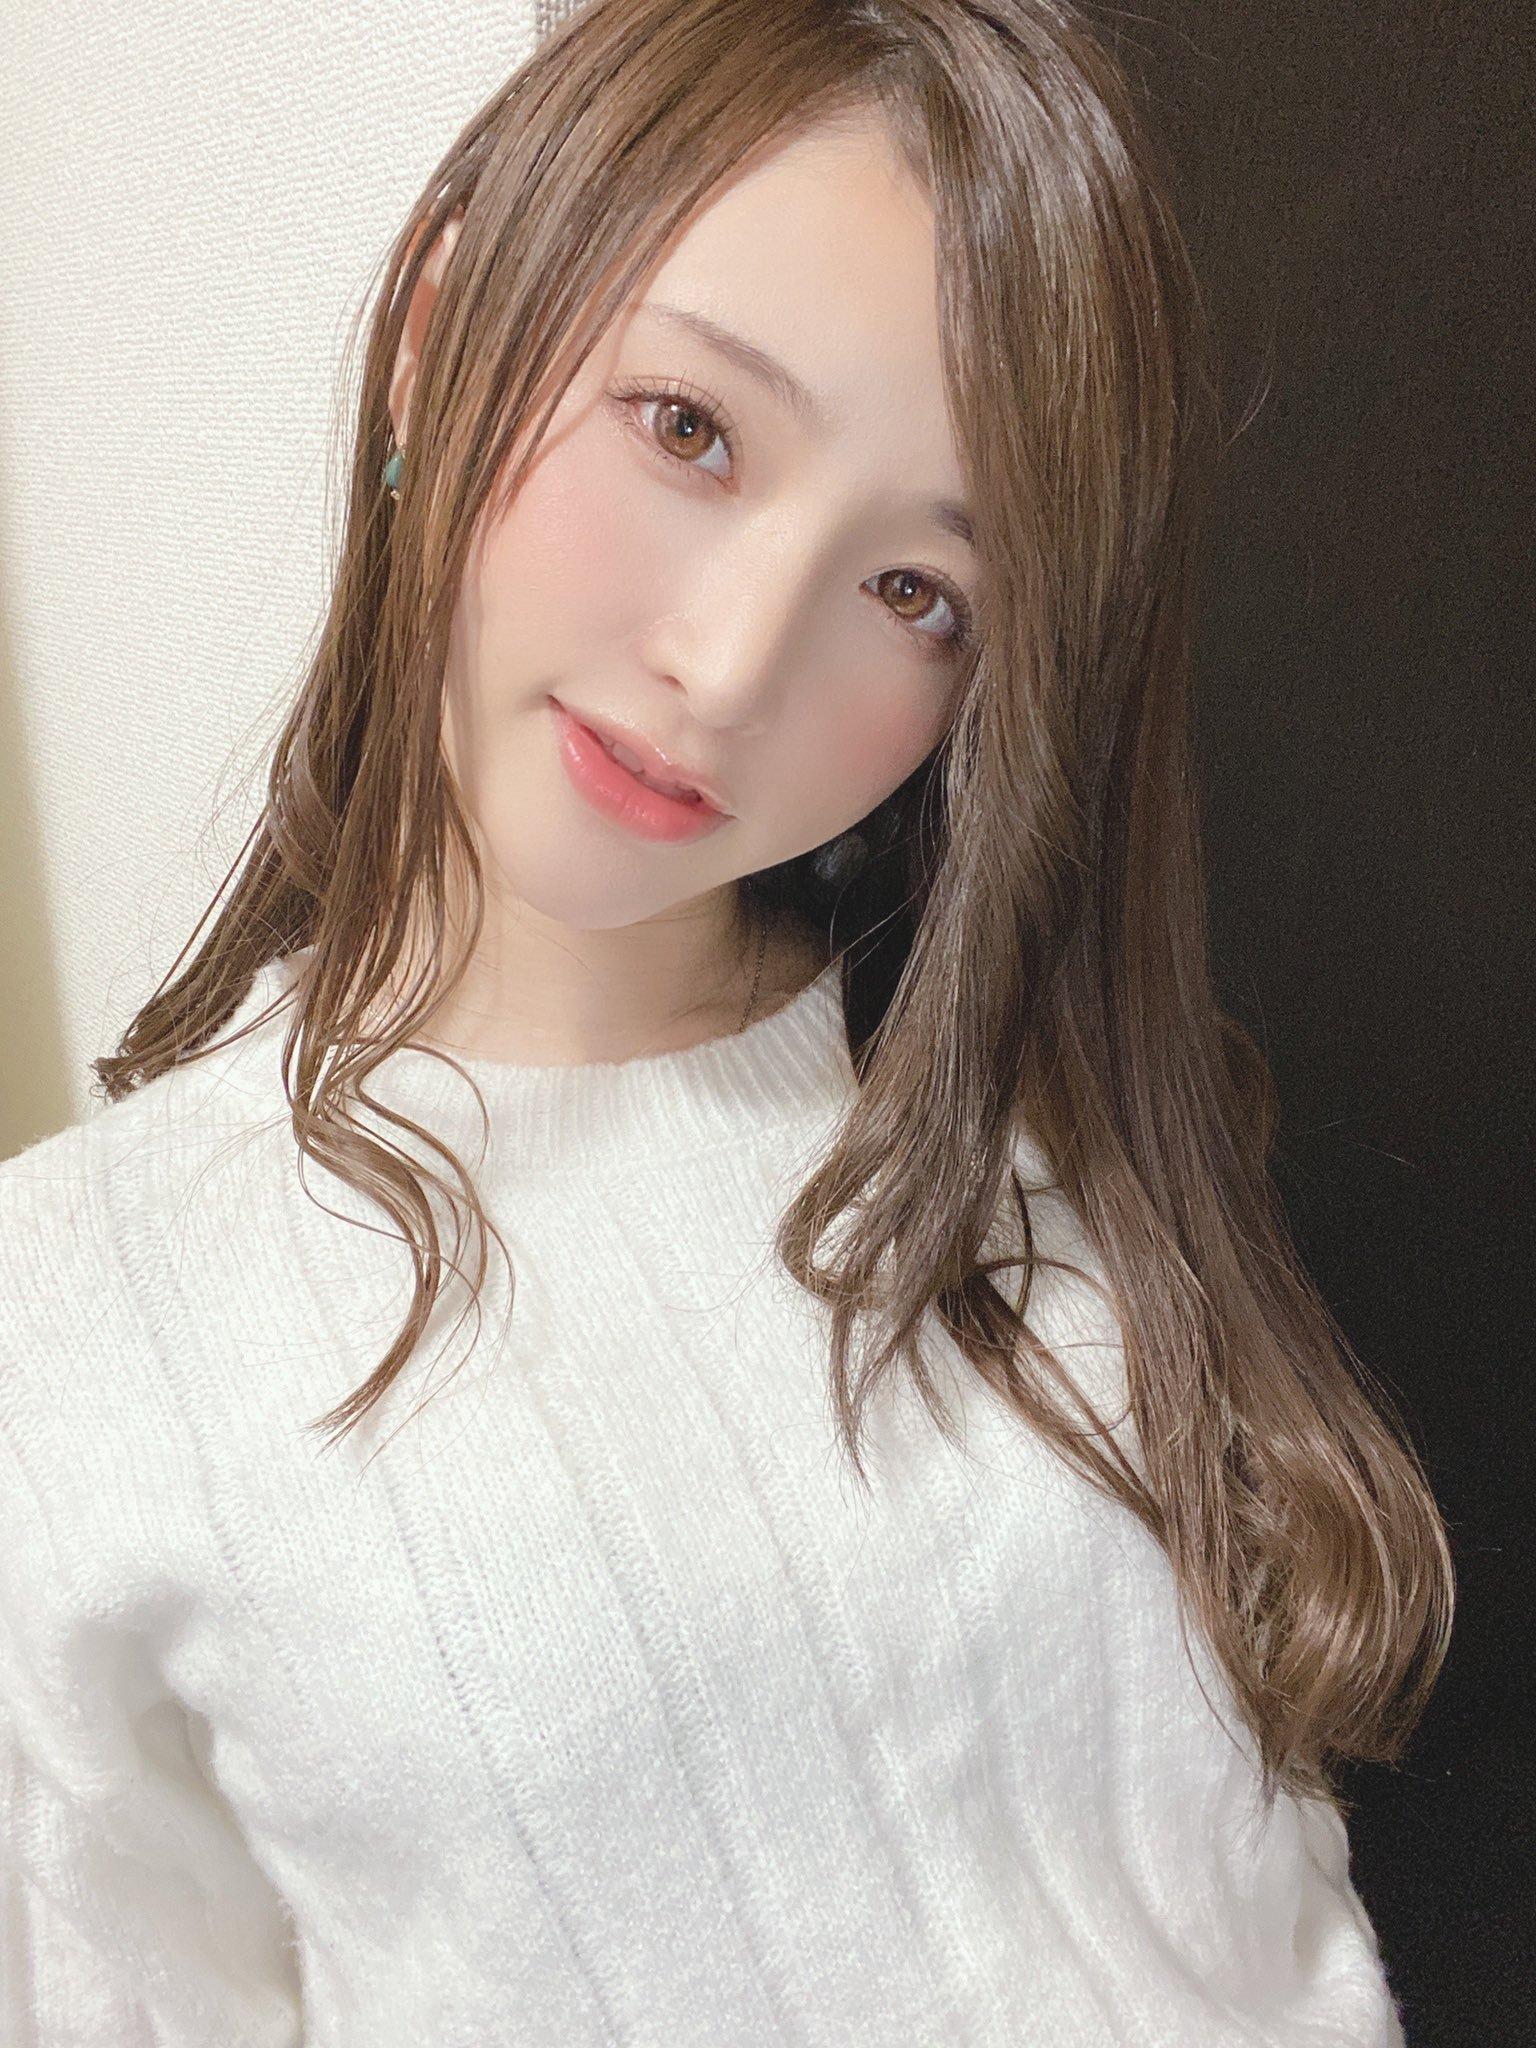 amatsuka_moe 1241326922027524098_p0